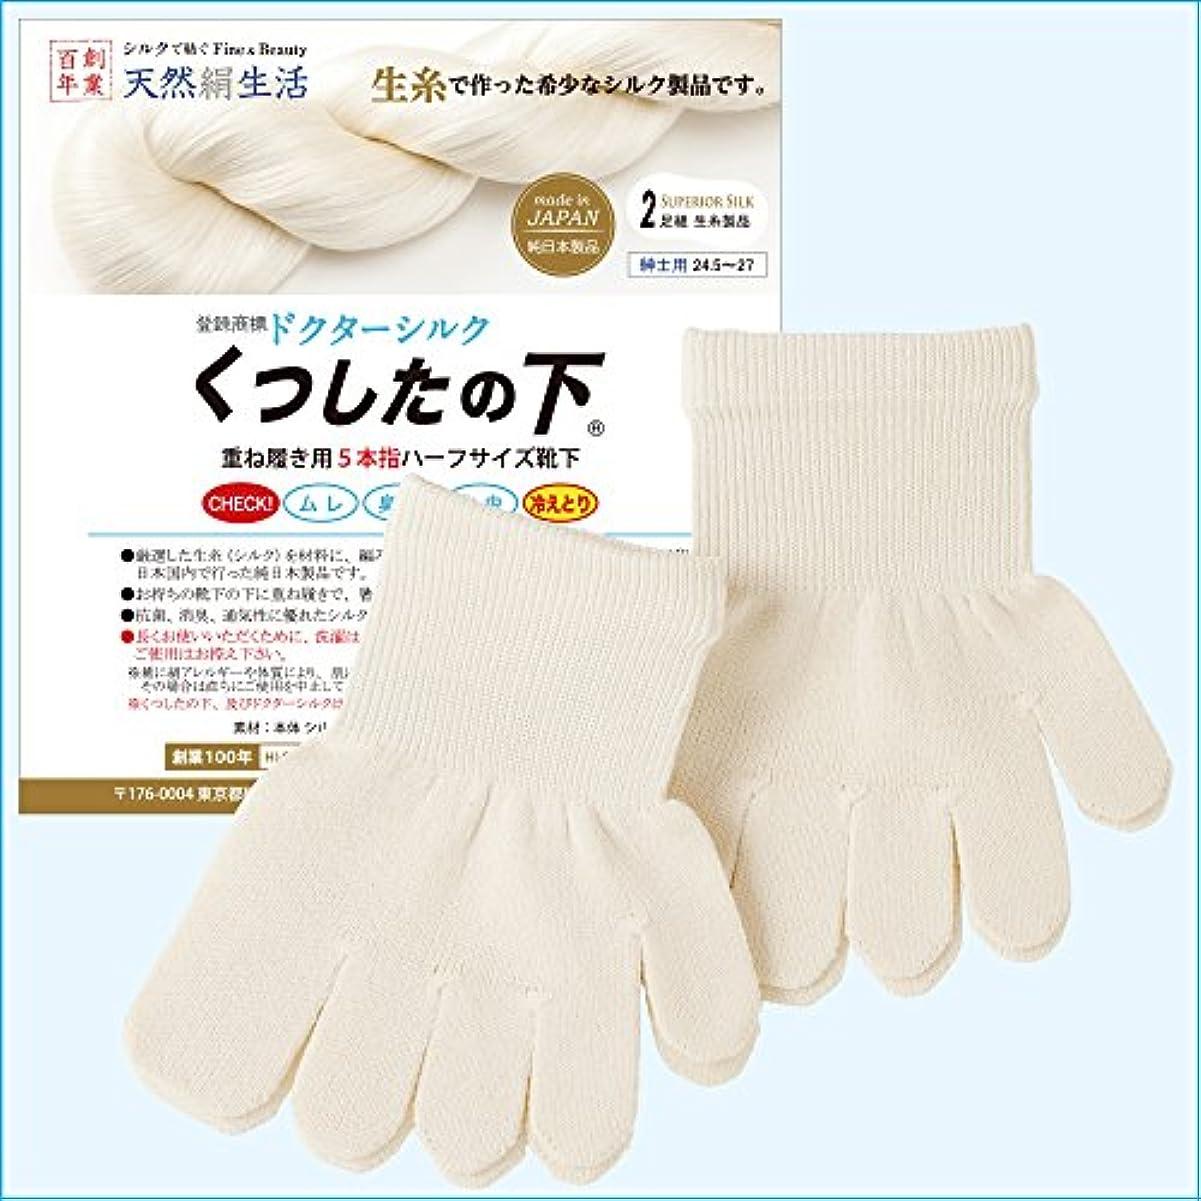 ブロンズこれら提供する【純日本製】最高峰シルク 生糸 の5本指靴下-紳士用2足組『くつしたの下』生成り/蒸れ?水虫にも